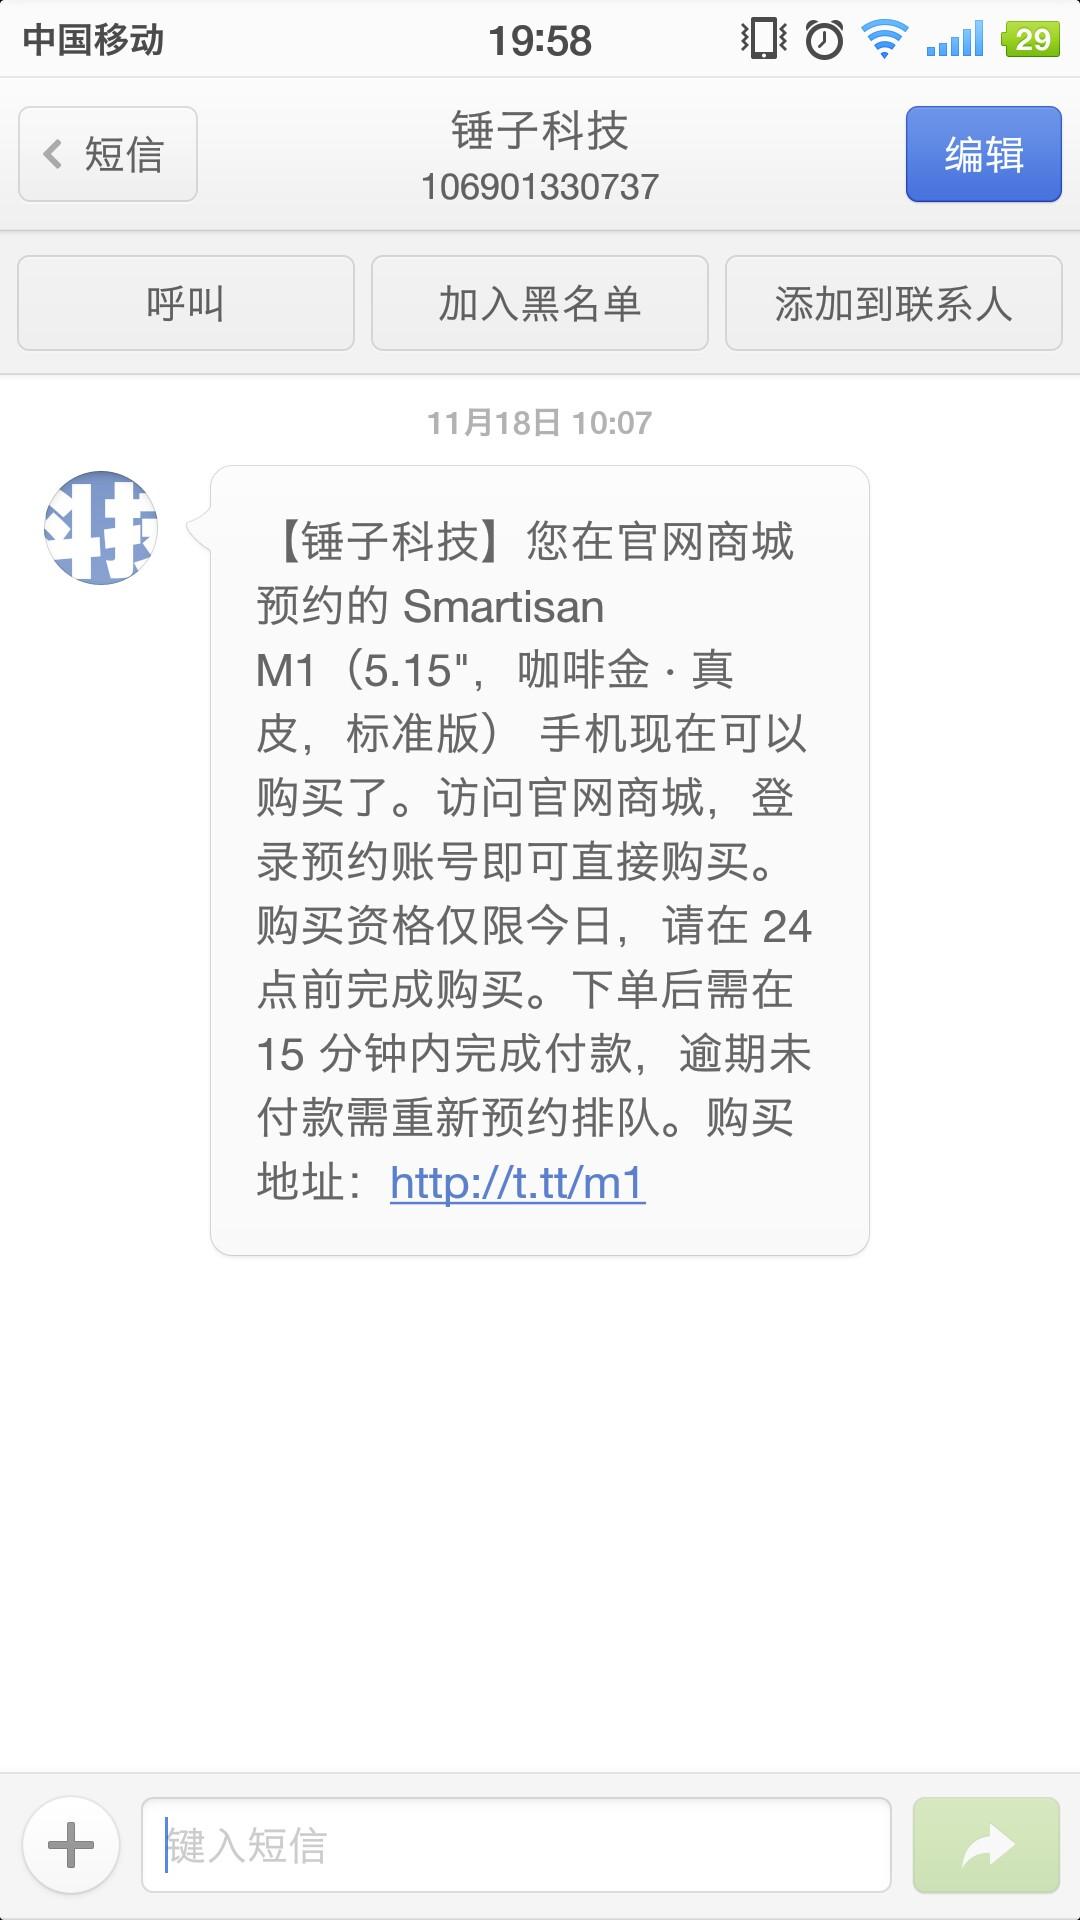 Screenshot_2016-11-18-19-58-40-854_??_compress.png